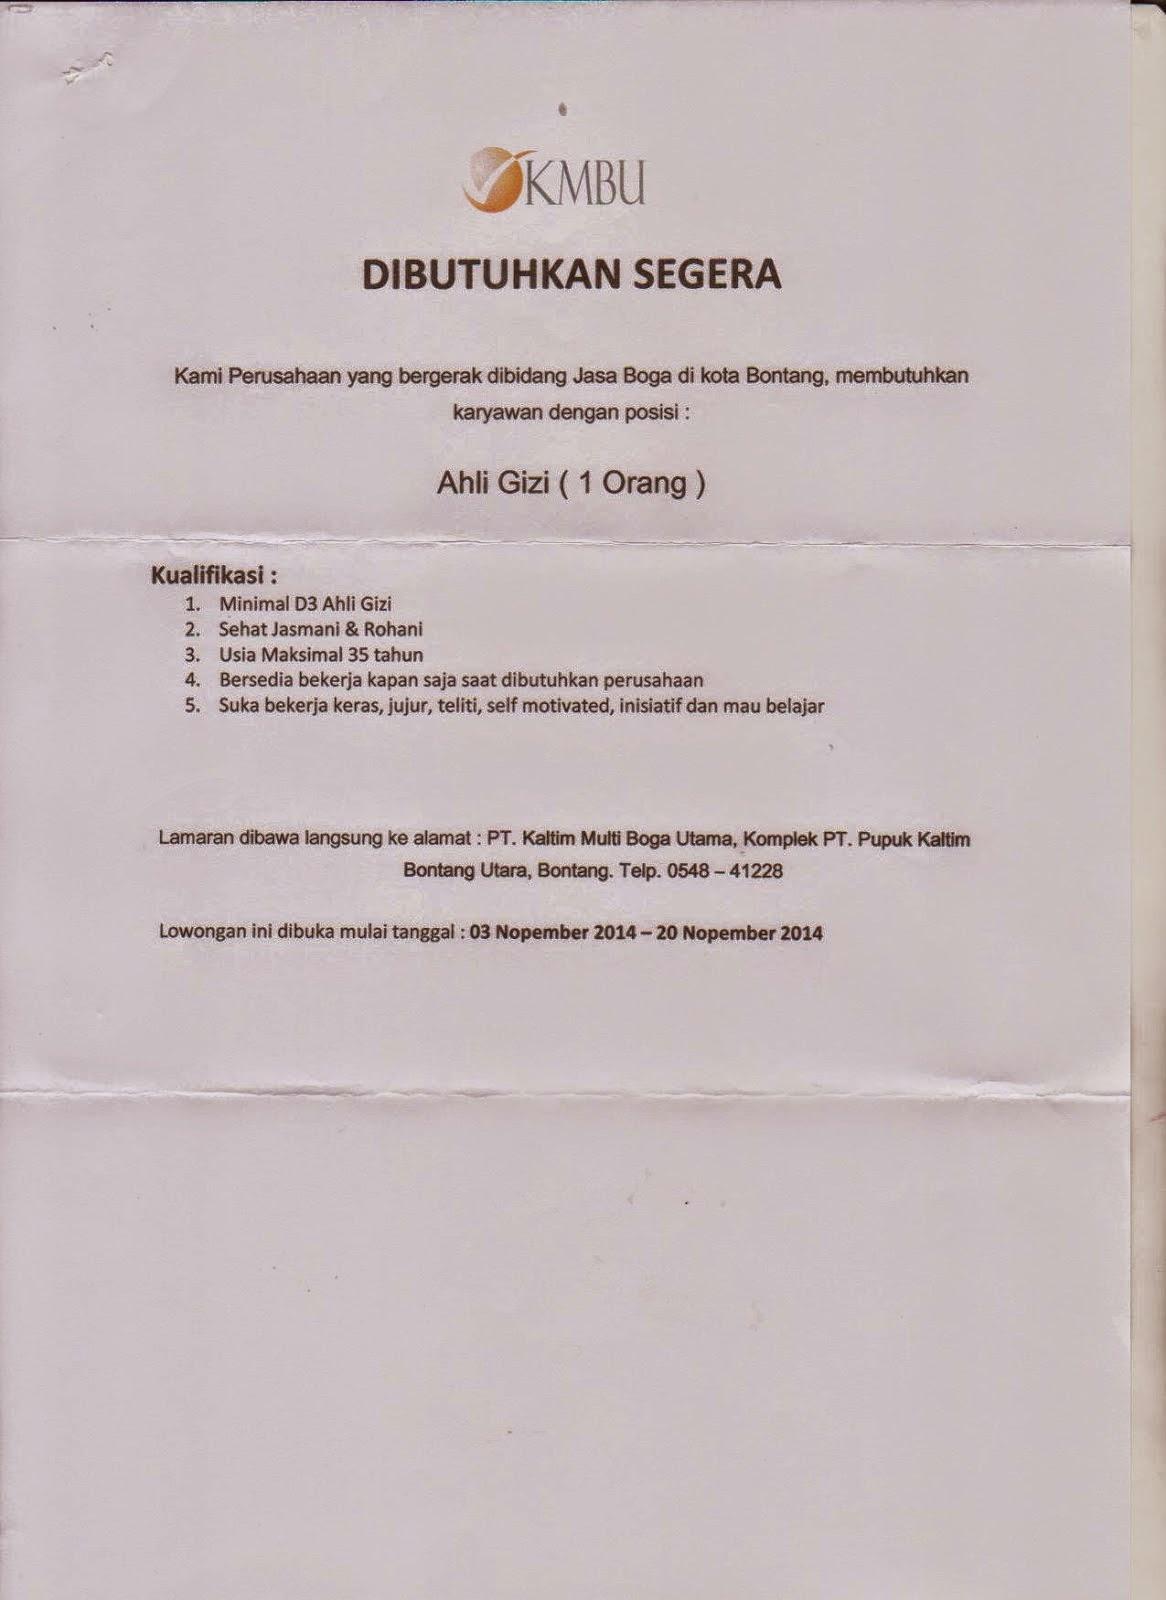 Lowongan Kerja PT KMBU : D3 Ahli Gizi November